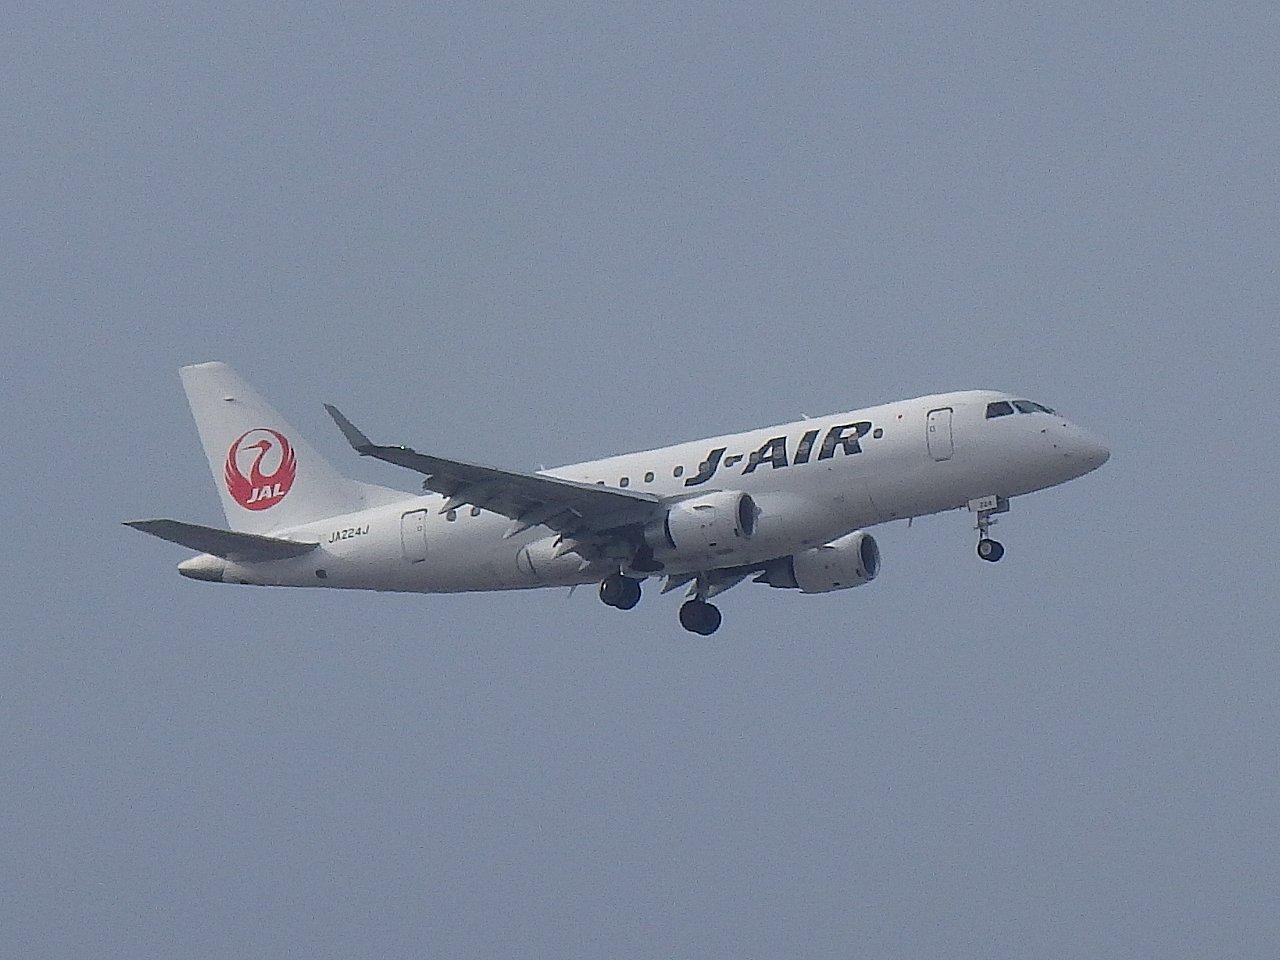 JALグループは15機保有しています。